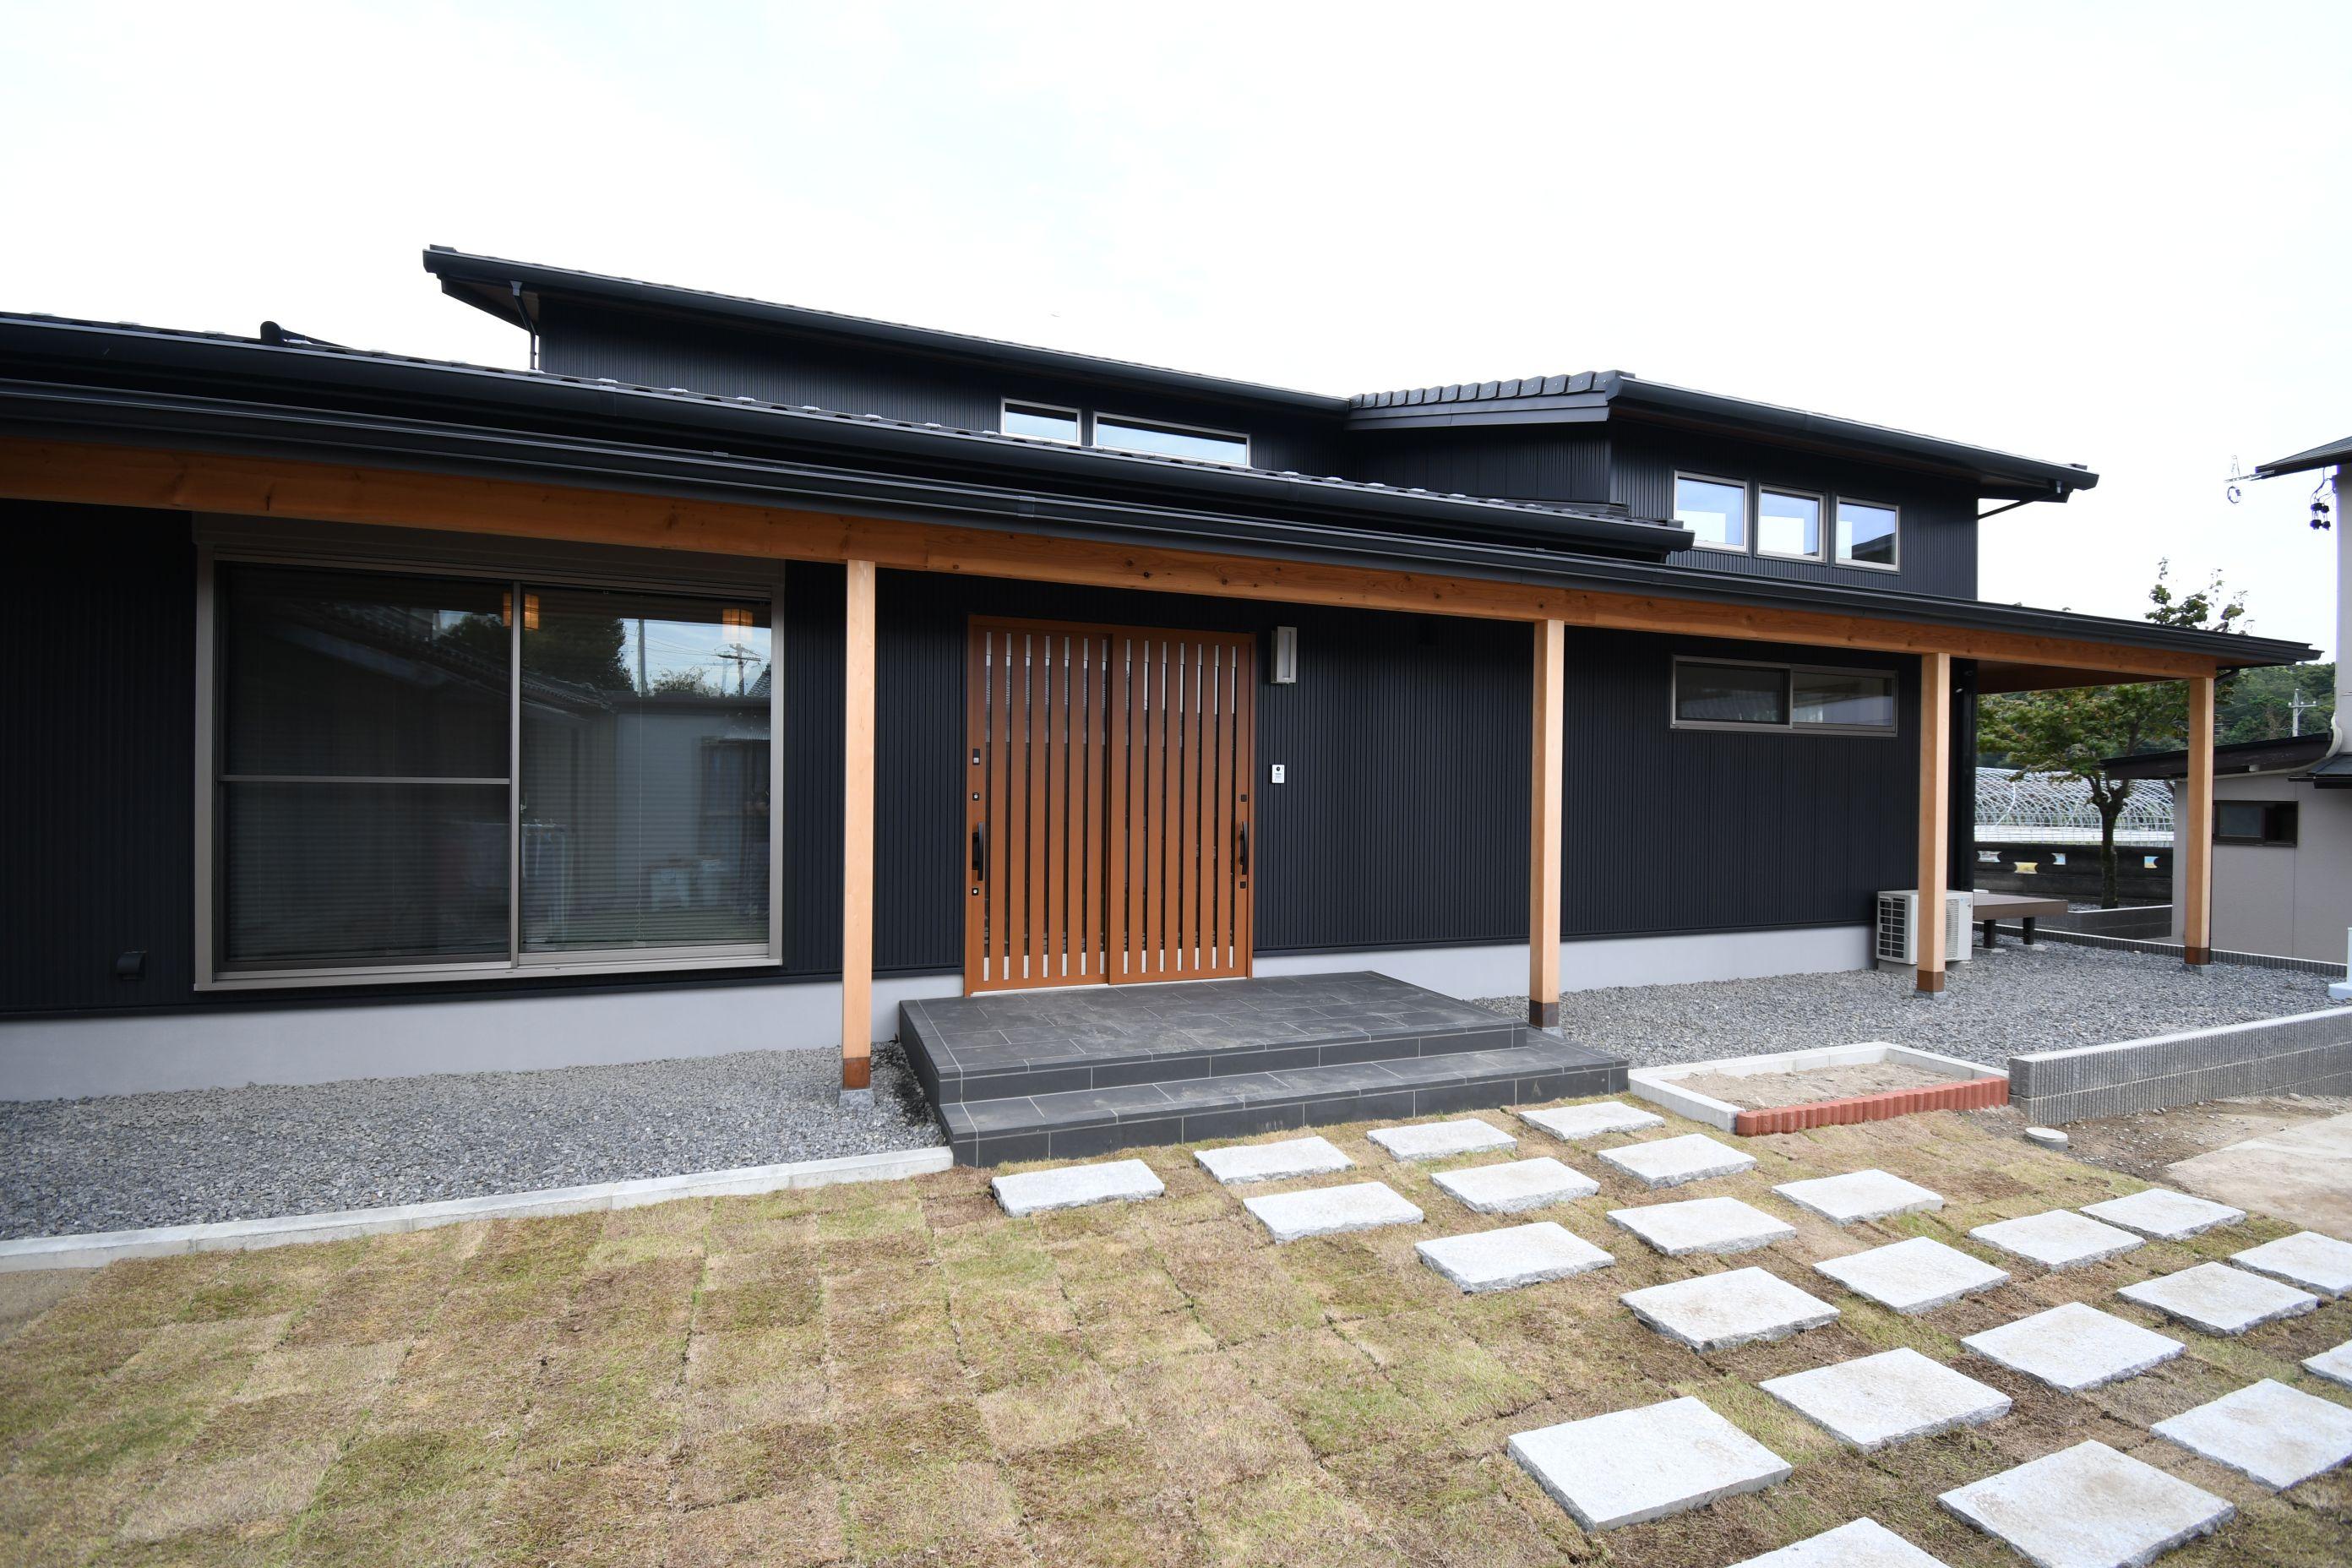 丸七建設興業【デザイン住宅、高級住宅、間取り】黒のガルバリウム鋼板が印象的